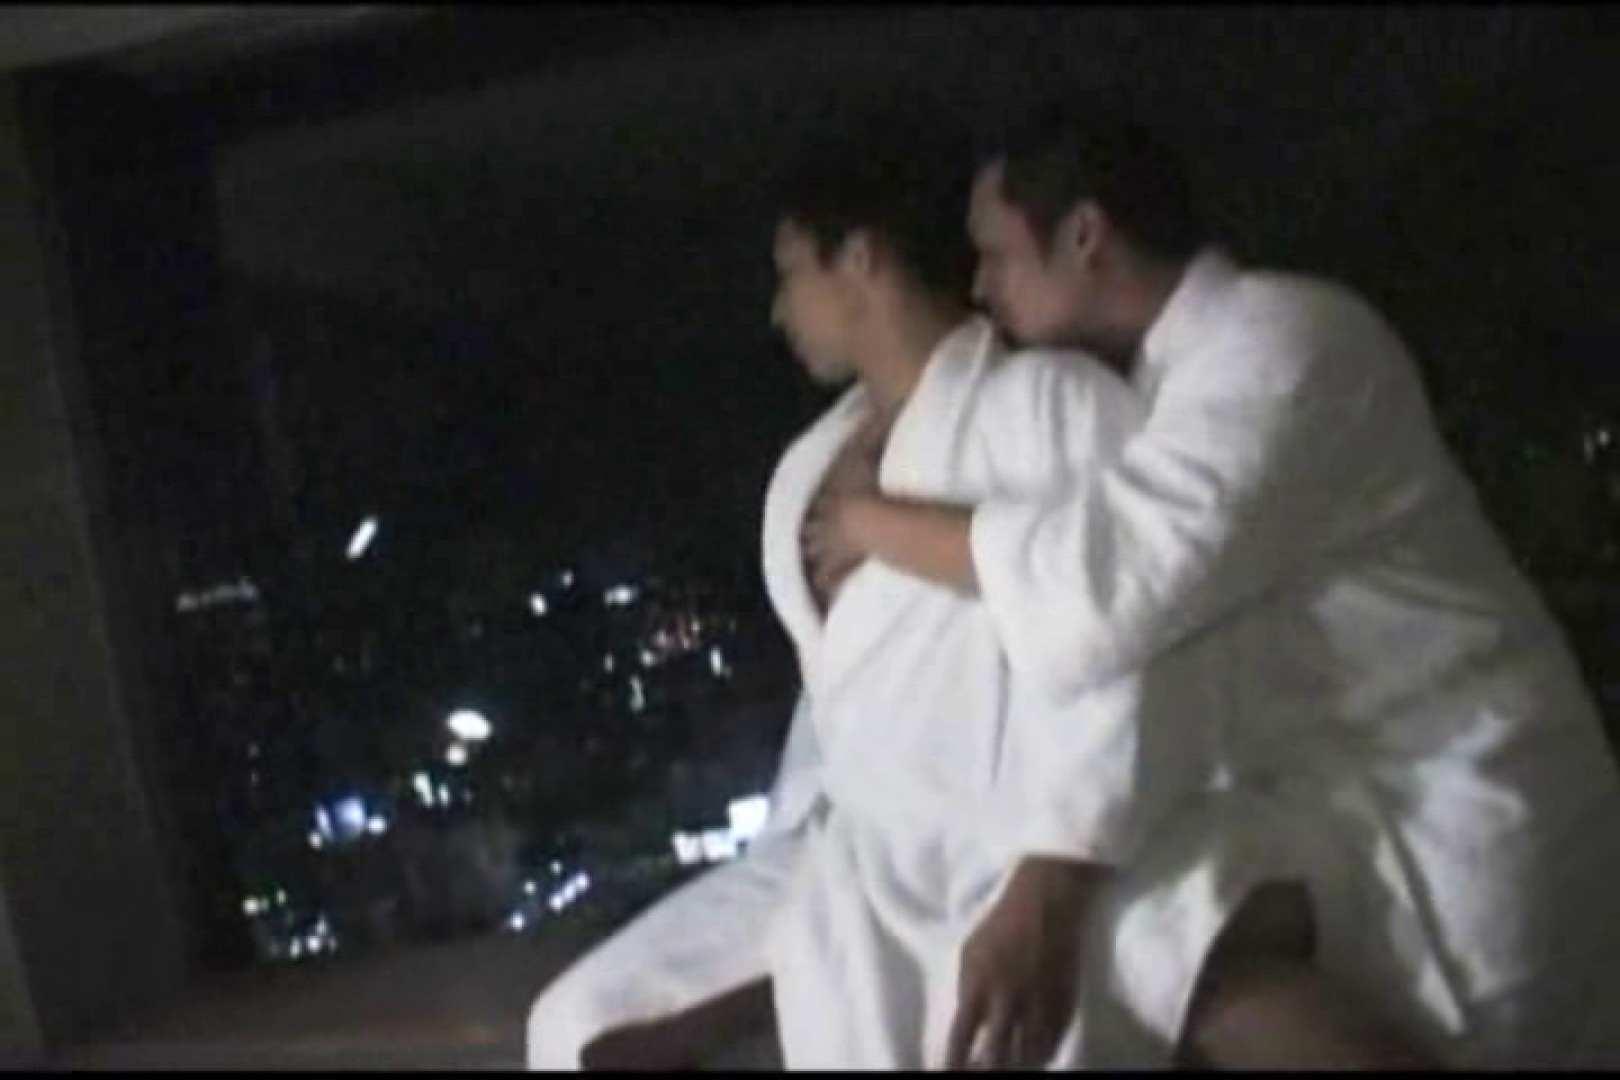 ホテルで密会!!夜景をバックに濃密ファック!! 男達の裸   バック  9枚 1